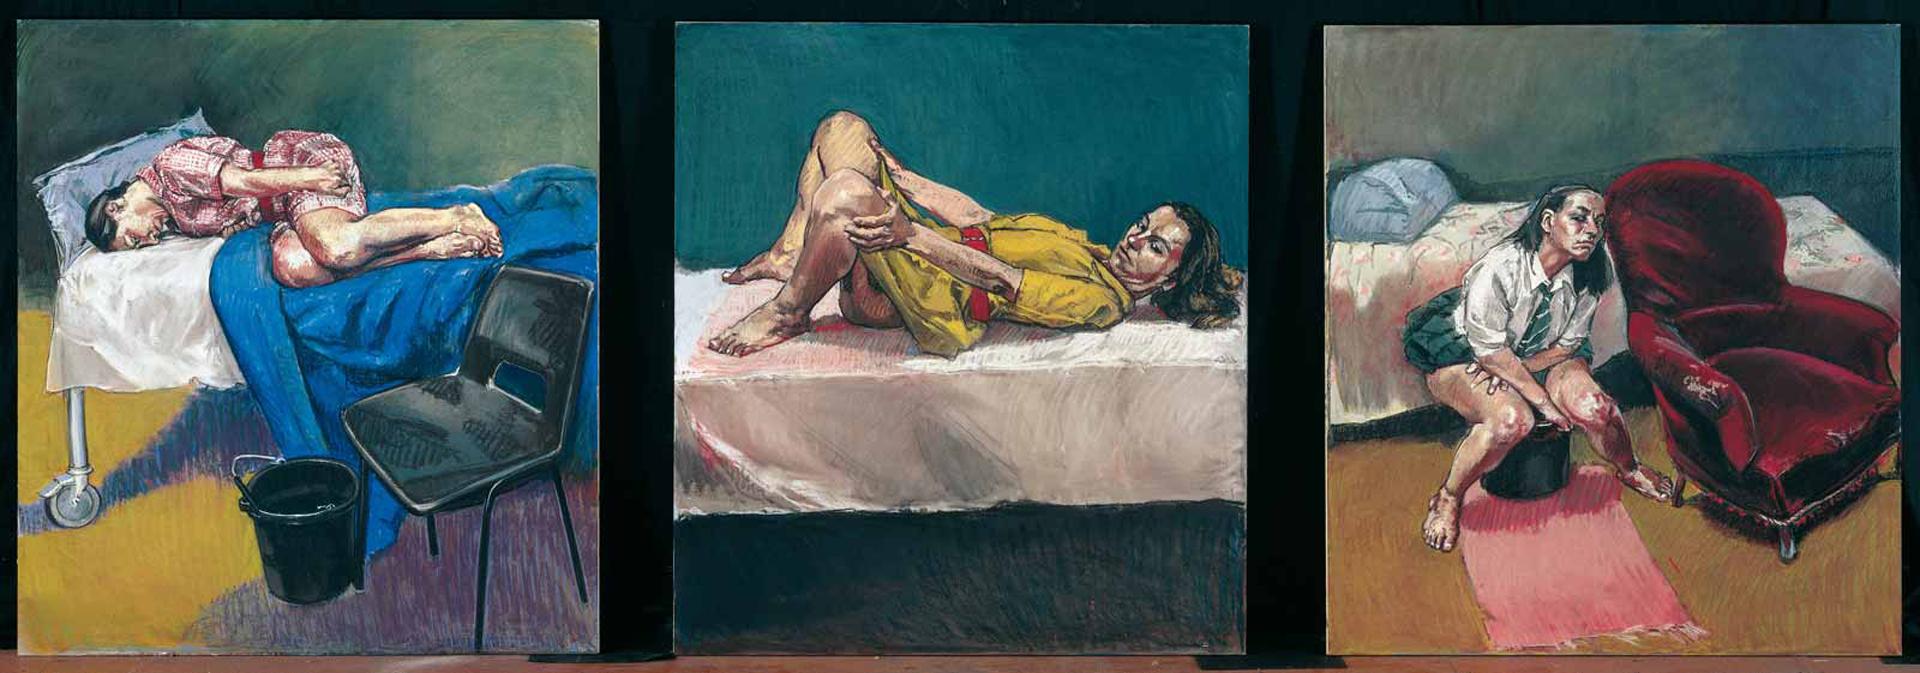 """El """"Triptico del aborto"""", de Paula Rego (1998)"""